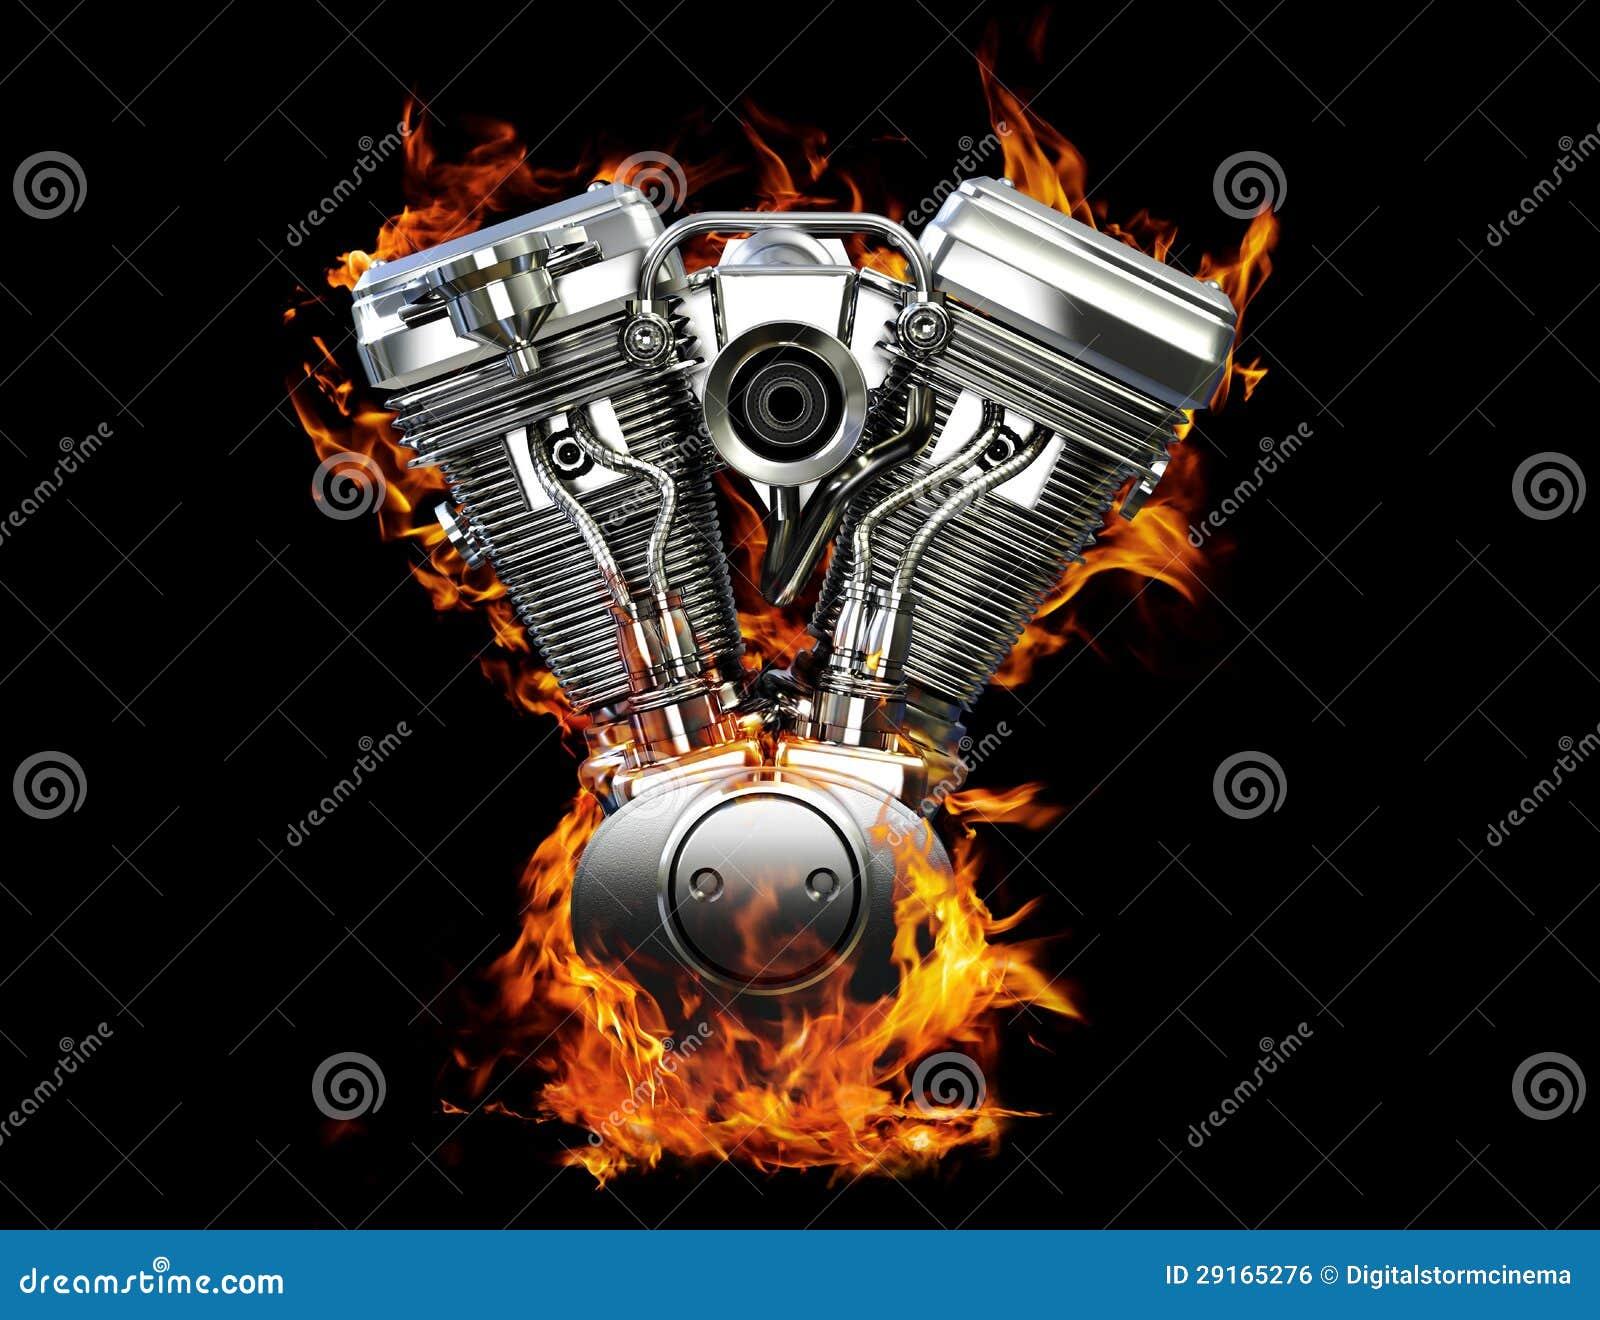 Chromowany motocyklu silnik na ogieniu